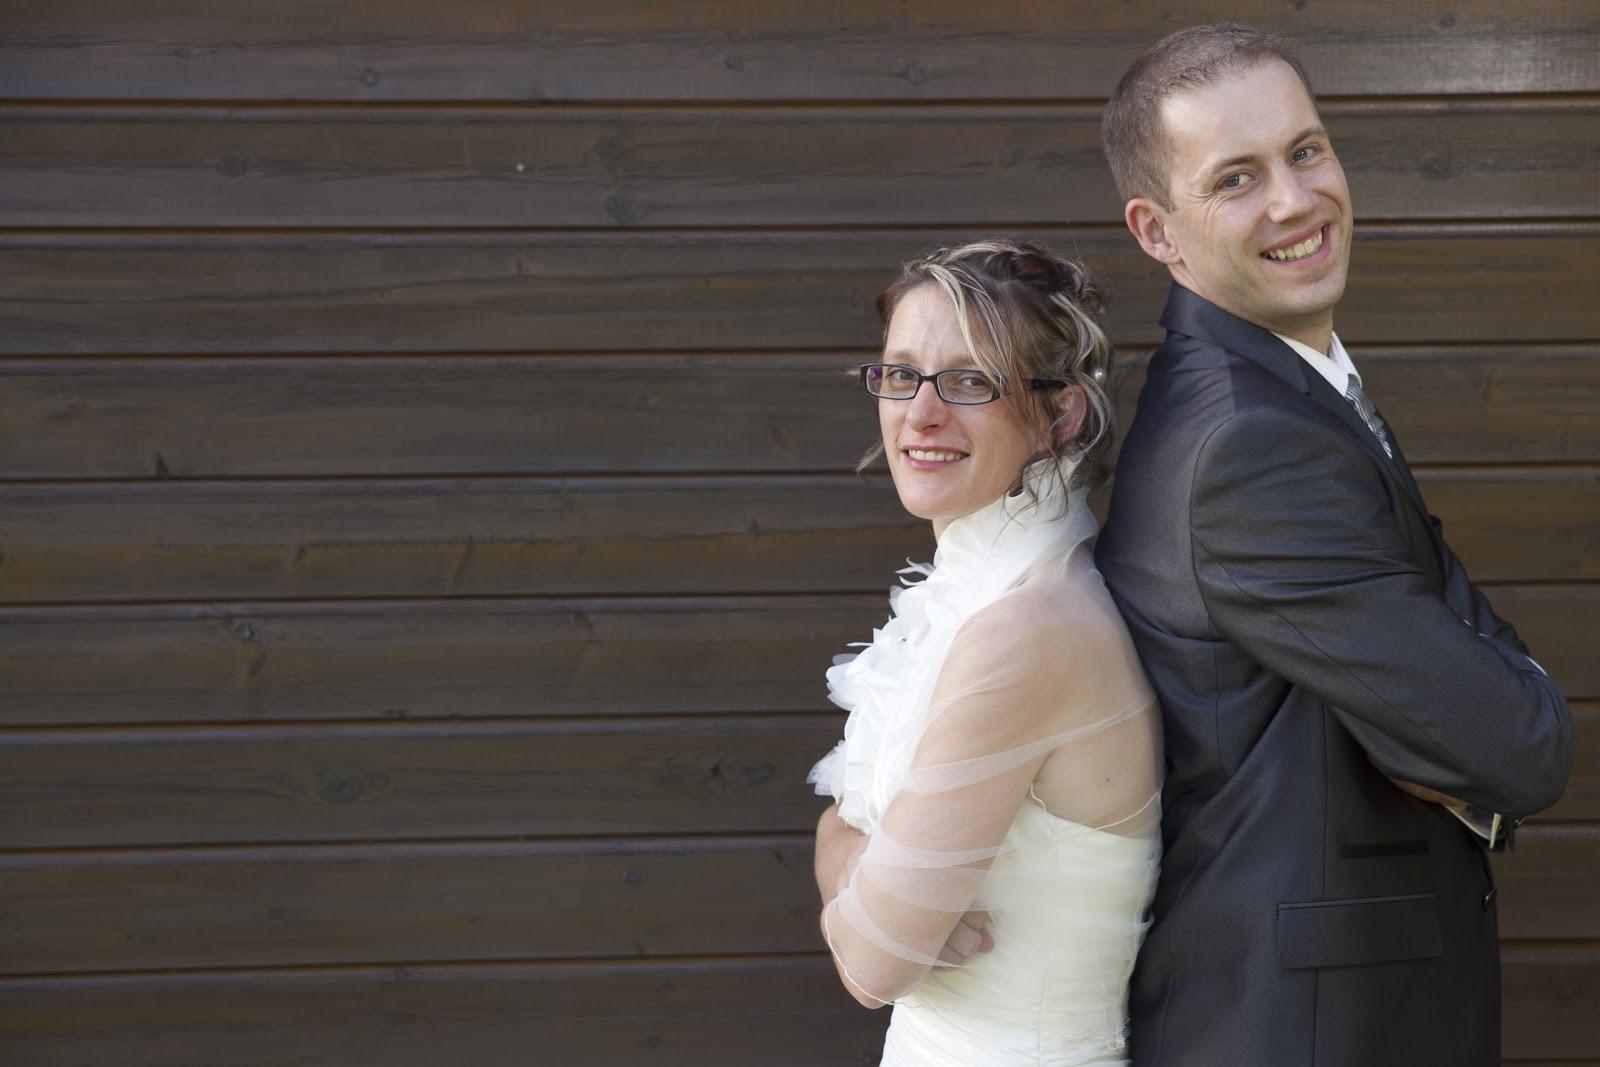 Laurent christophe photographe mariage de s verine et anthony - Salon du mariage la roche sur yon ...